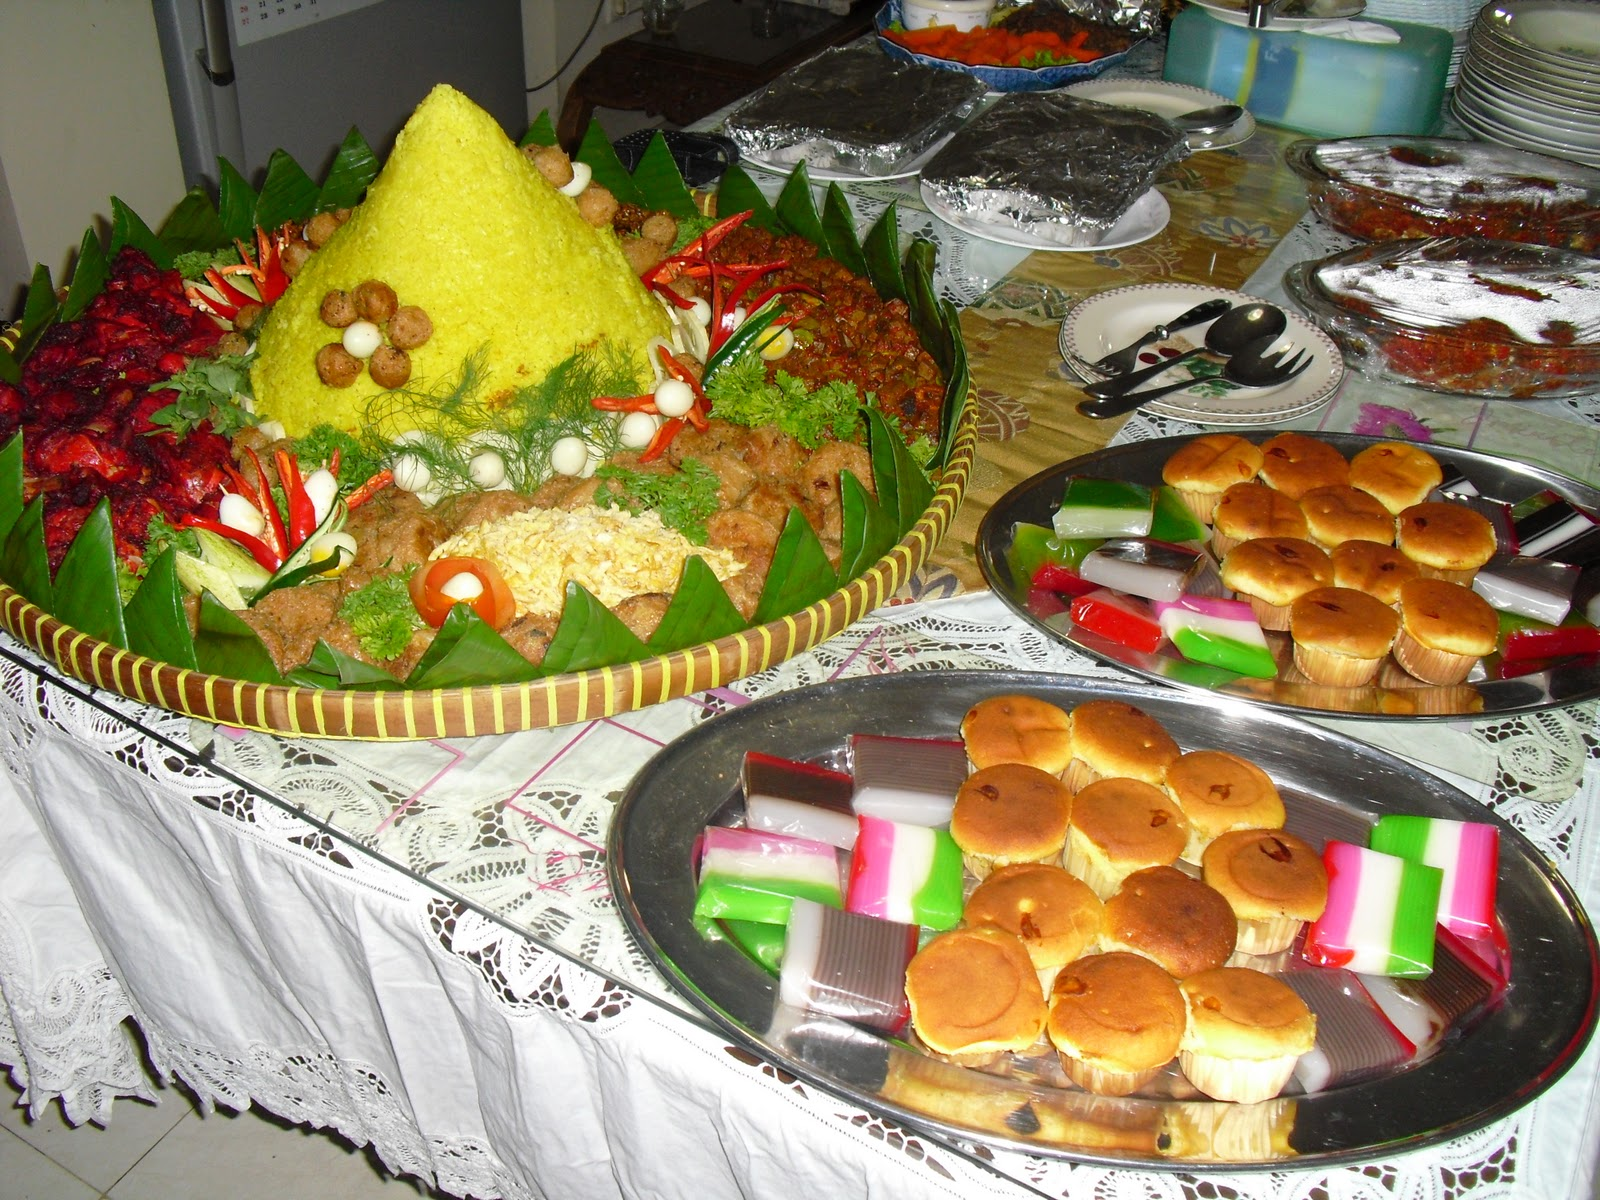 catering service Catering unser catering angebot: karibischer speisen- & cocktailservice: menüs, buffets angeliefert zu ihrem veranstaltungsort.